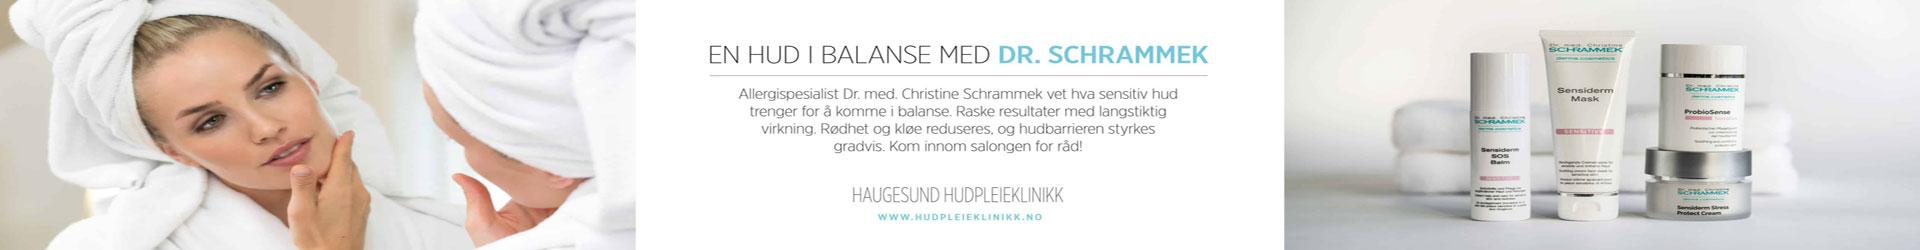 reklame for Haugesund Hudpleieklinikk